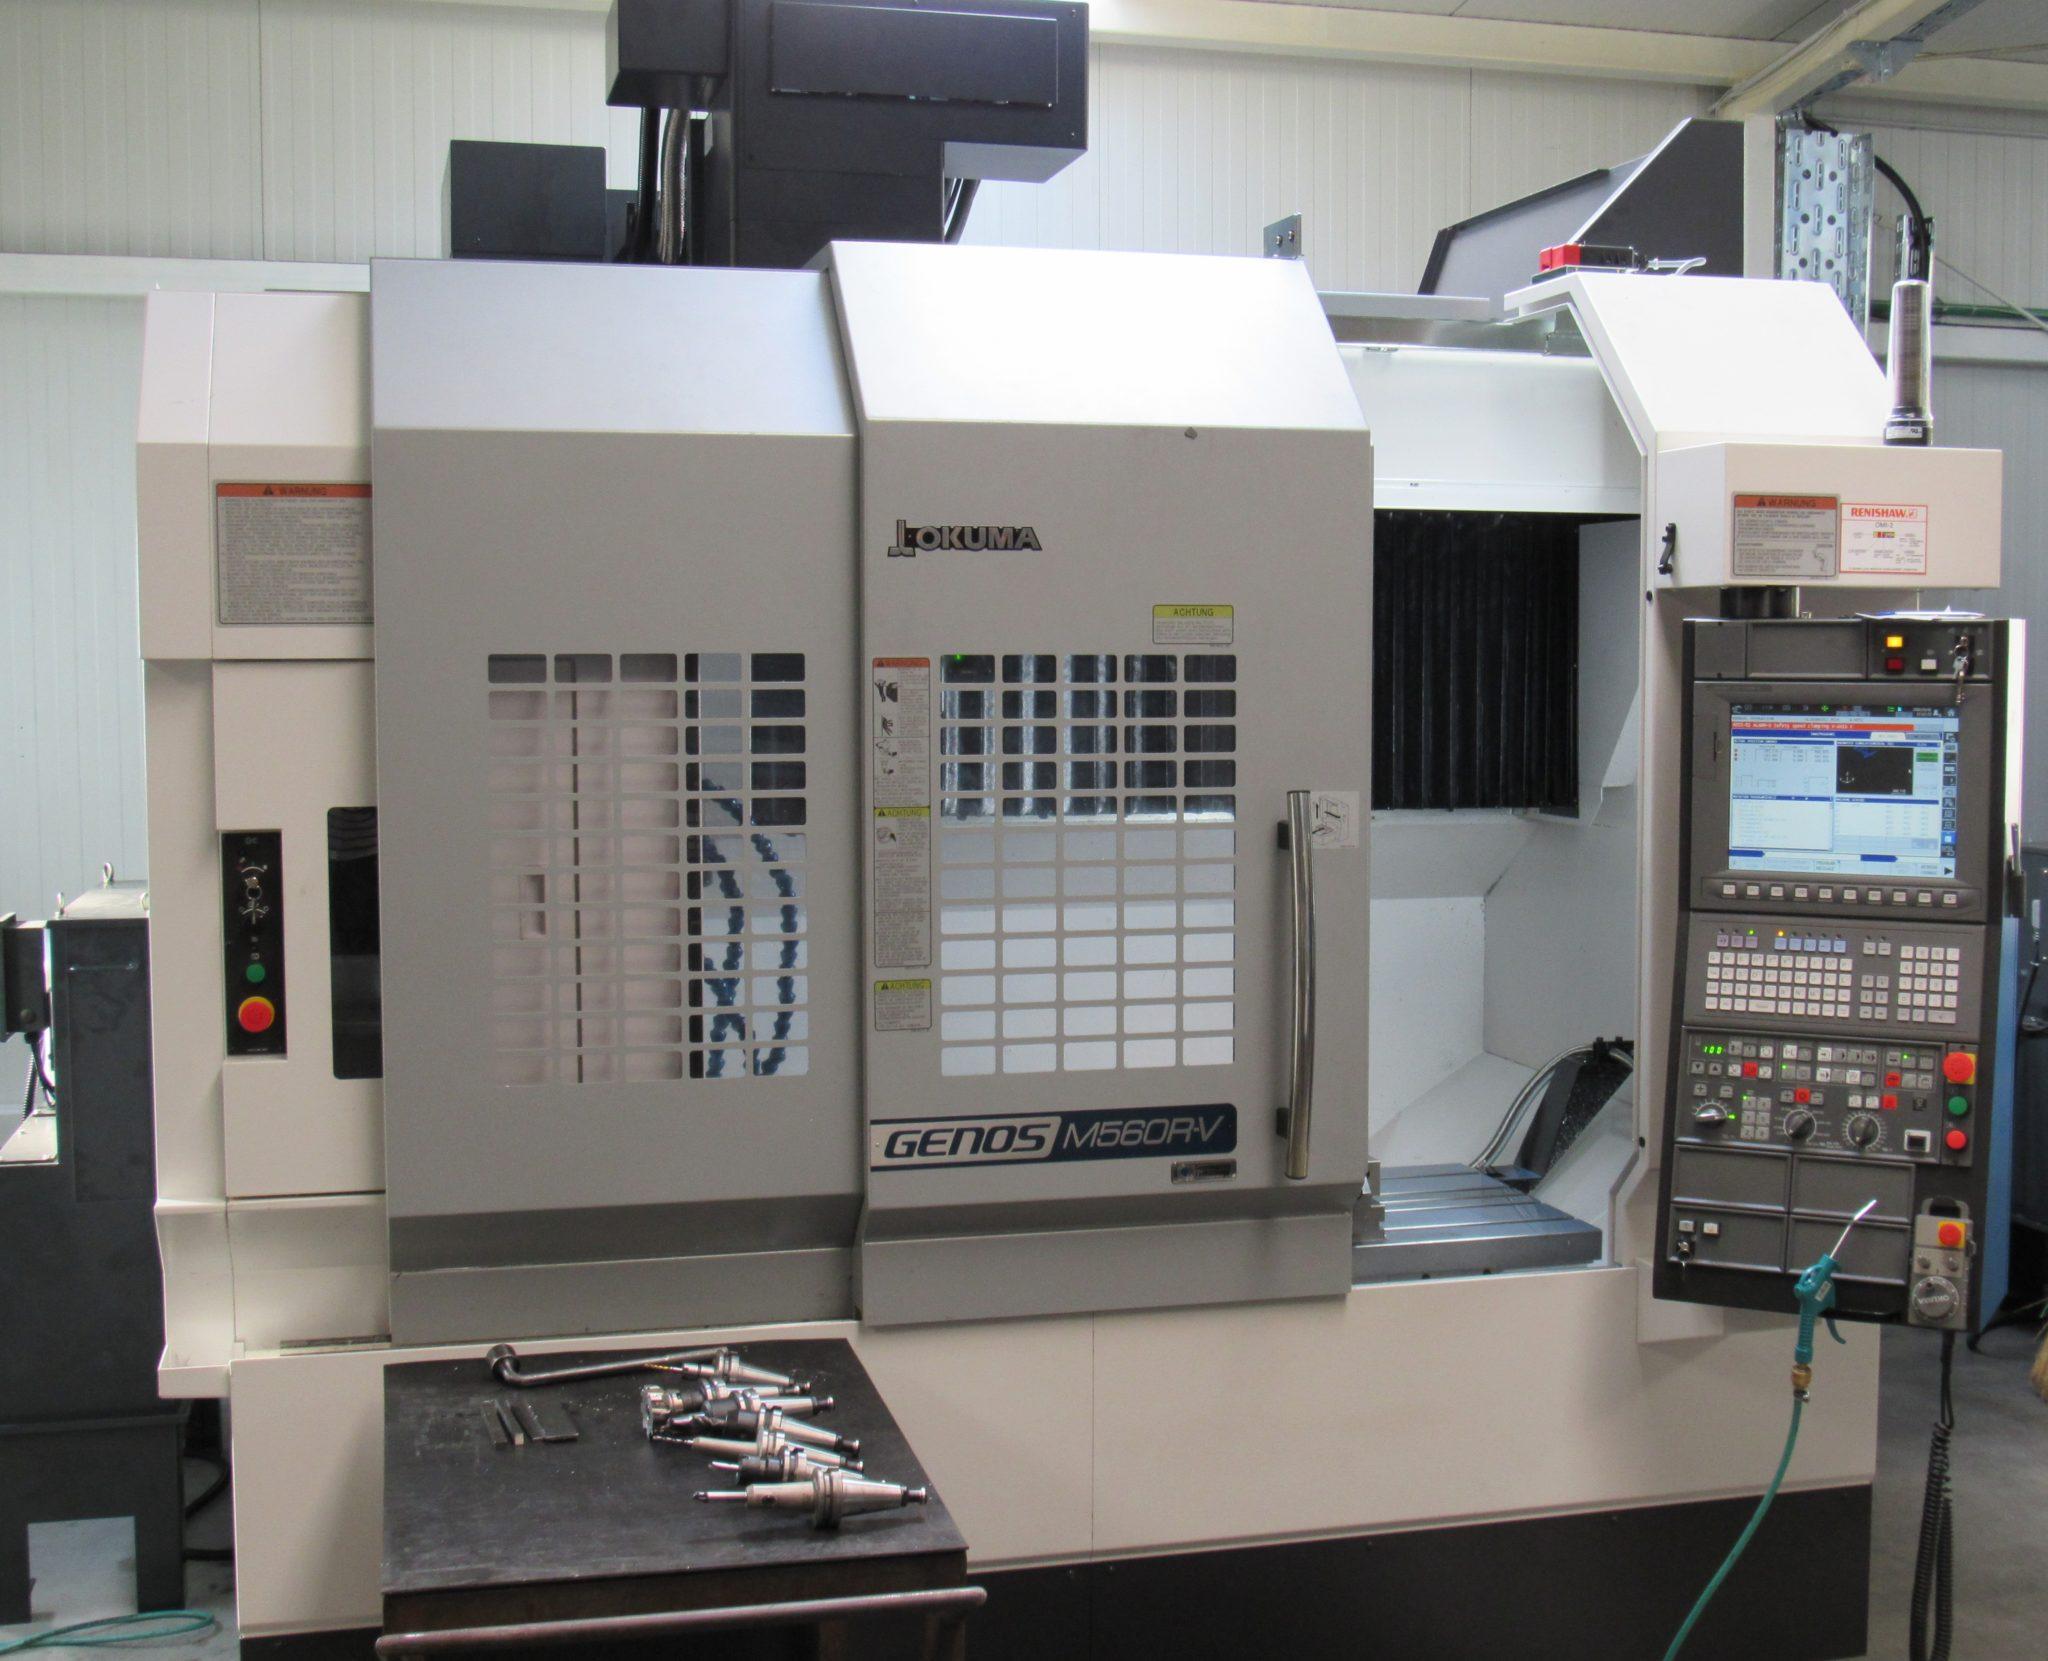 OKUMA M 560 R-V - Metal Obad